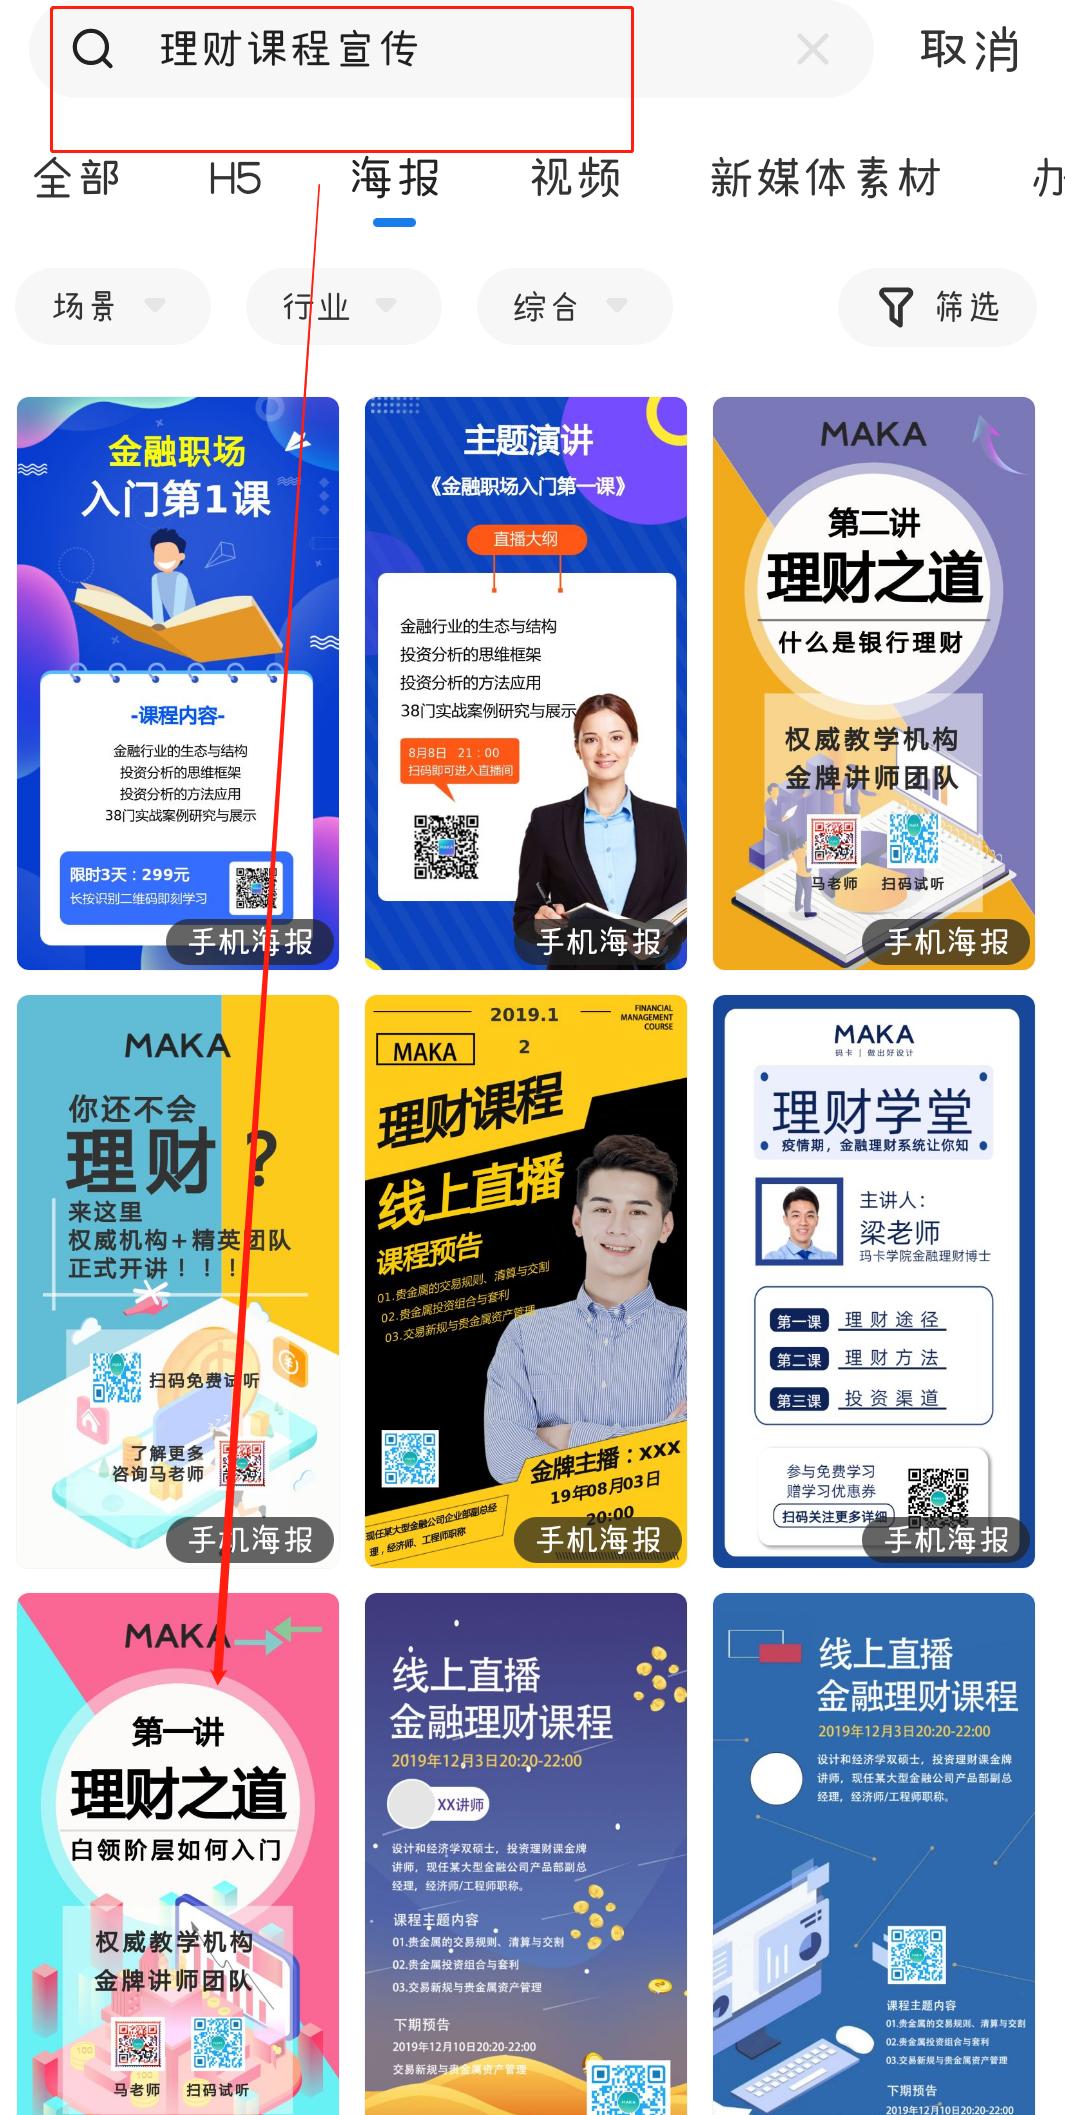 理财海报设计平台推荐 几步操作做出好看设计